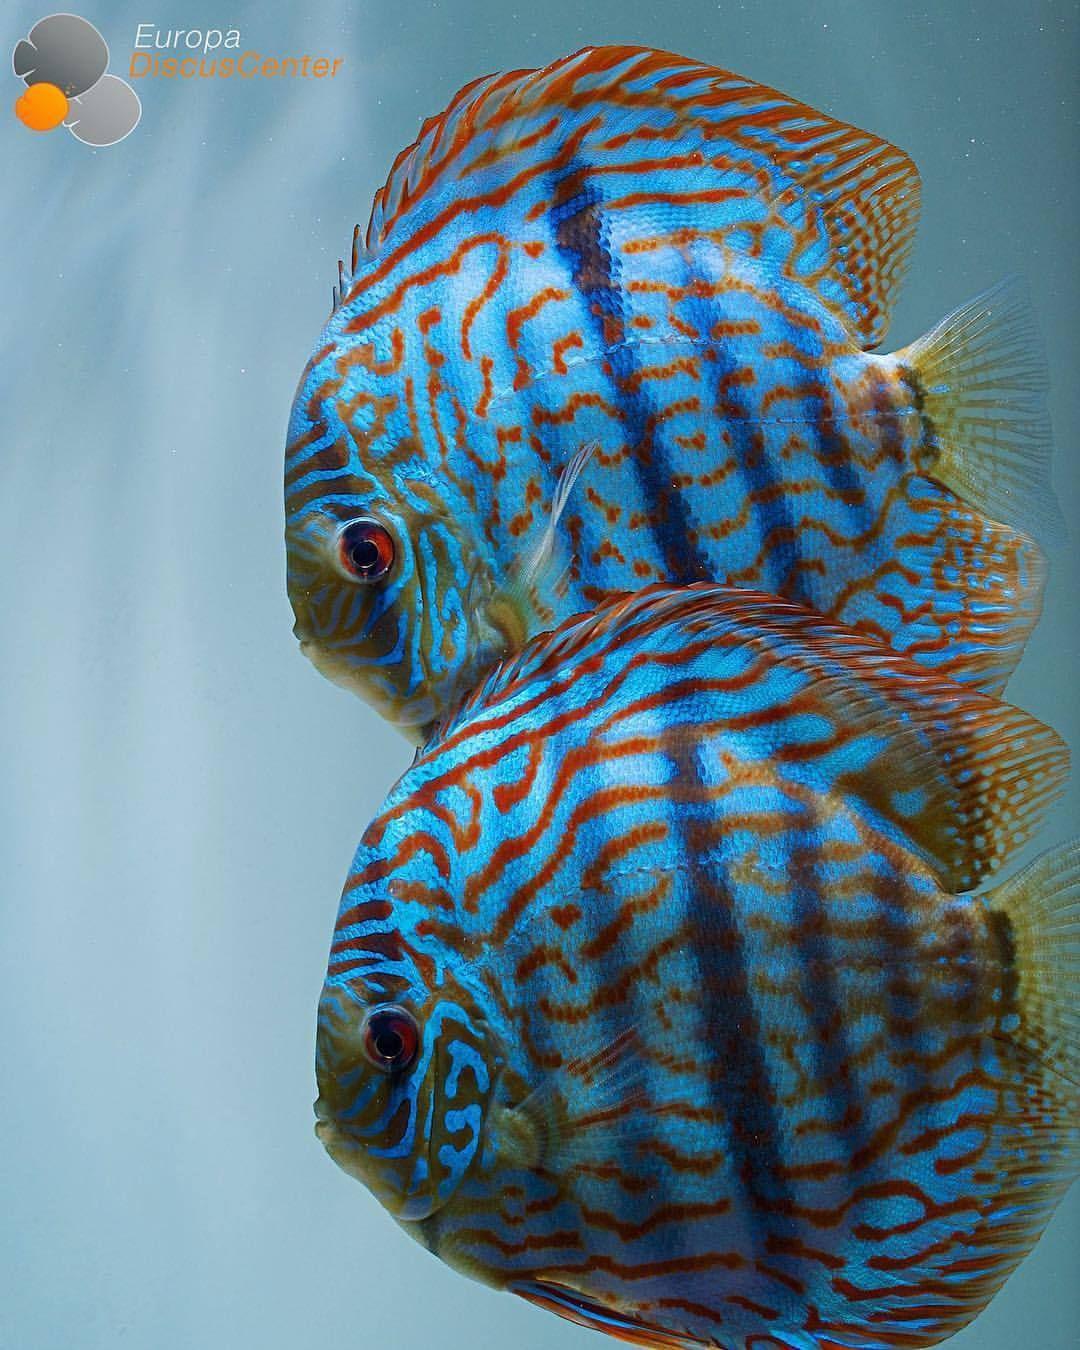 Heckel Cross Discus Breeding Pair Discus Diskus Diskusfische Aquarium Symphysodon Tropicalf Tropical Freshwater Fish Discus Aquarium Cichlid Aquarium